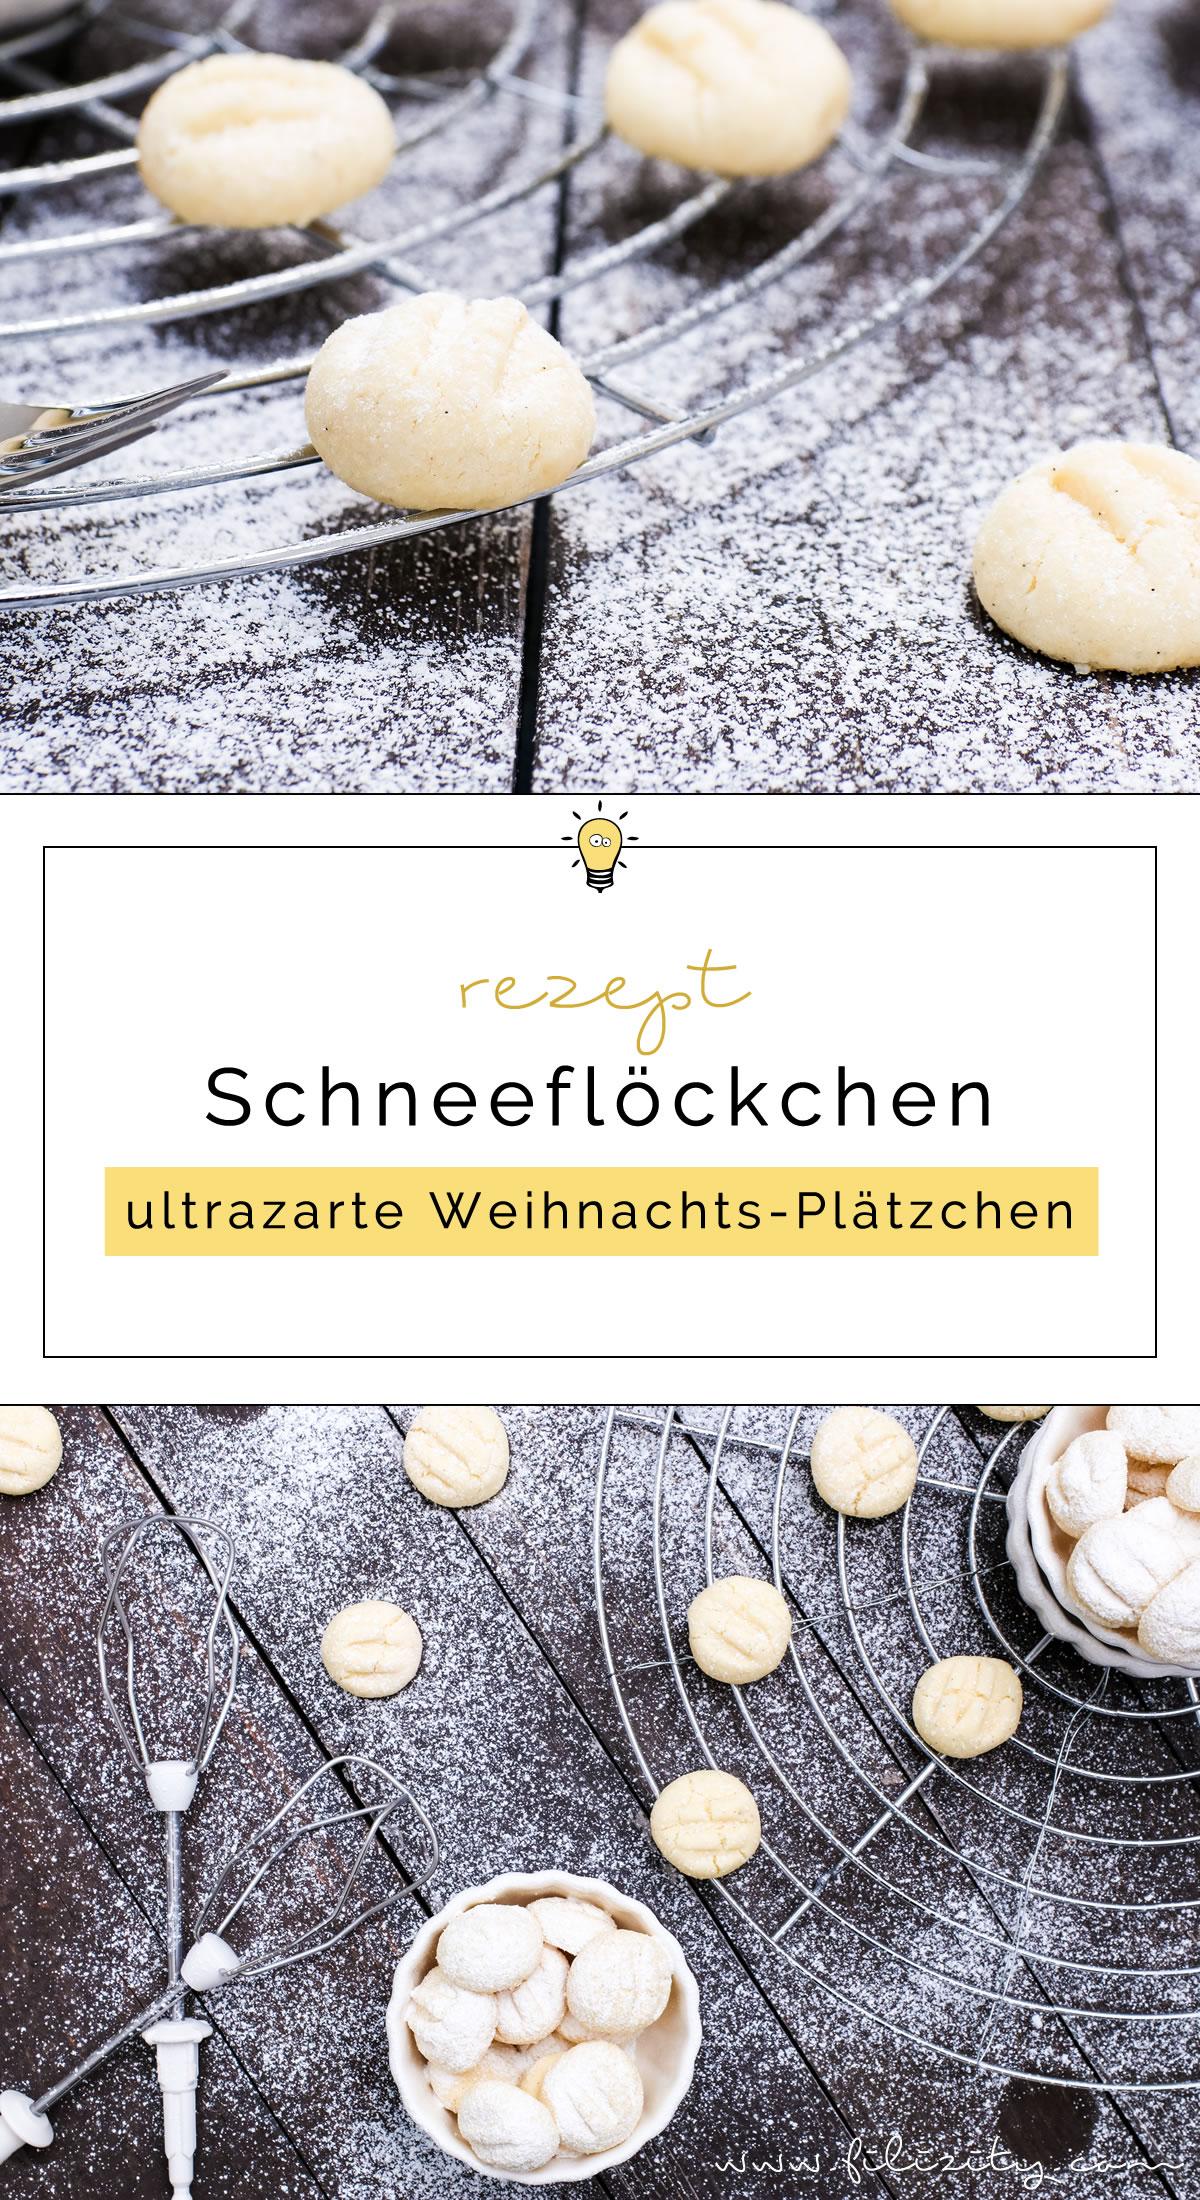 veganes Plätzchen-Rezept: Schneeflöckchen – Ultrazarte Weihnachts-Plätzchen | Filizity.com | Food-Blog aus Koblenz #plätzchen #keks #weihnachten #advent #vegan